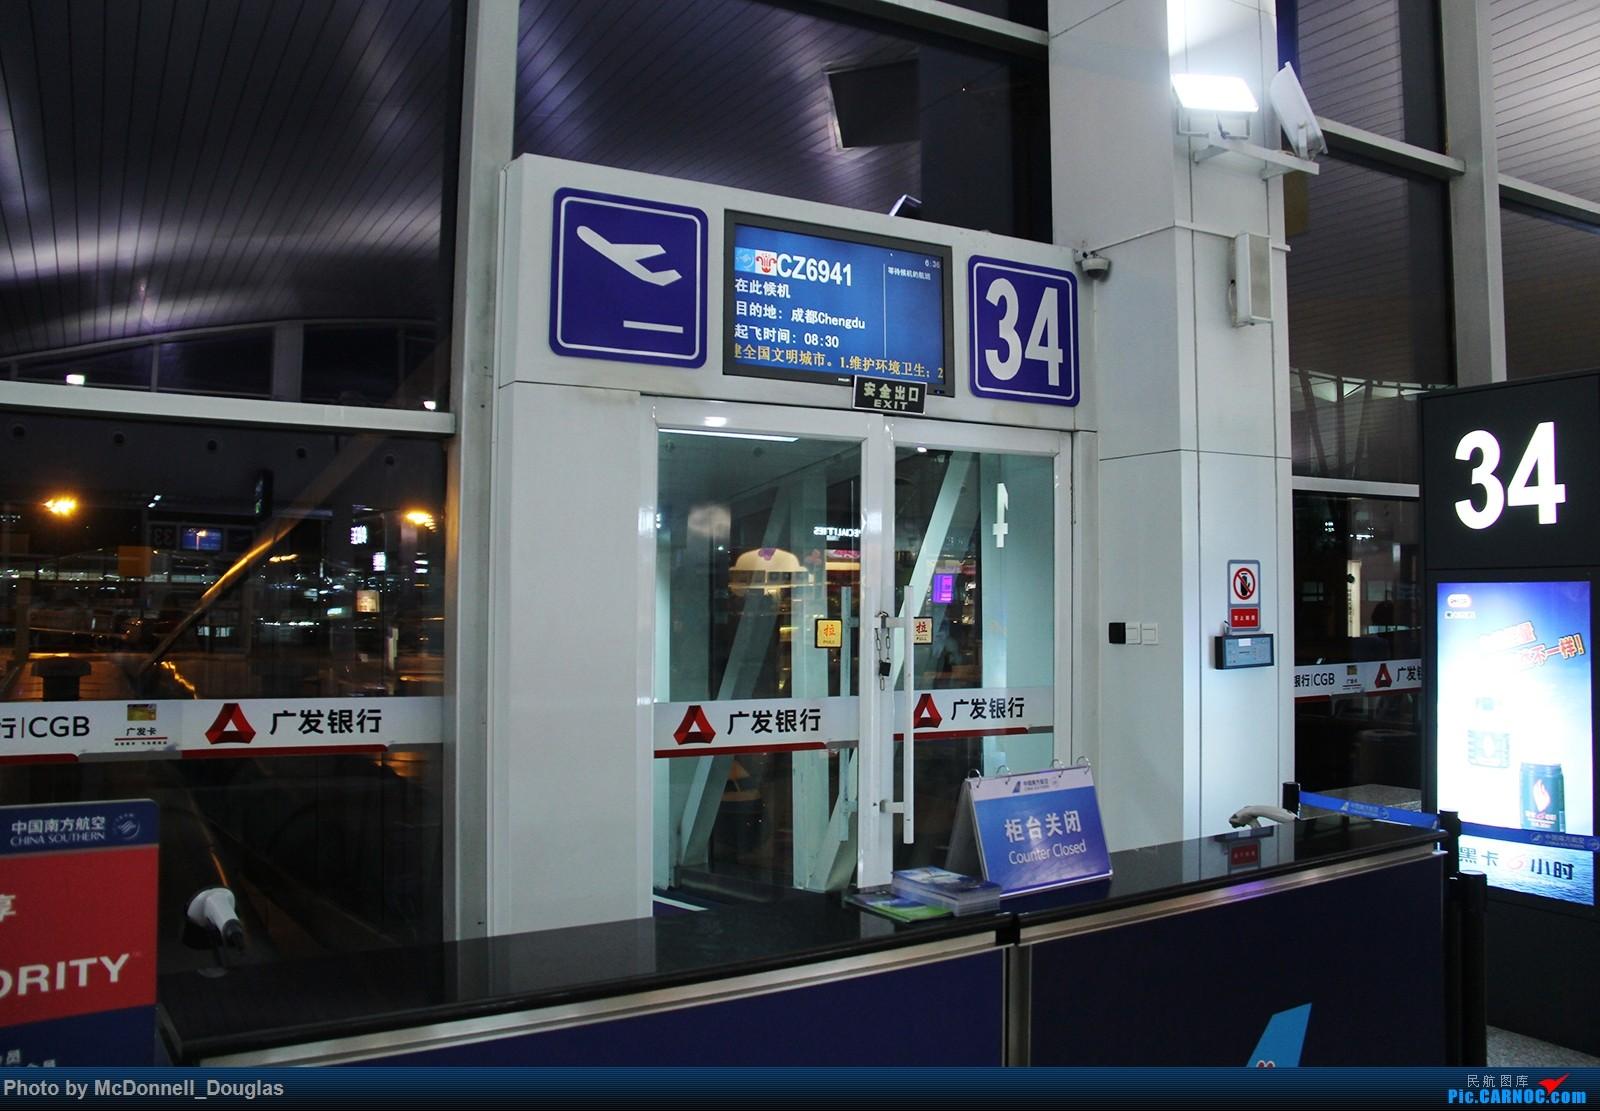 Re:[原创]【上海飞友会】【zc带你走天下(3)】再访祖辈年轻时工作的土地,父母年少时生活戈壁,跨越大半个中国去看新疆,回程小游蓉城(下) BOEING 737-81B B-7971 中国乌鲁木齐地窝堡国际机场 中国乌鲁木齐地窝堡国际机场